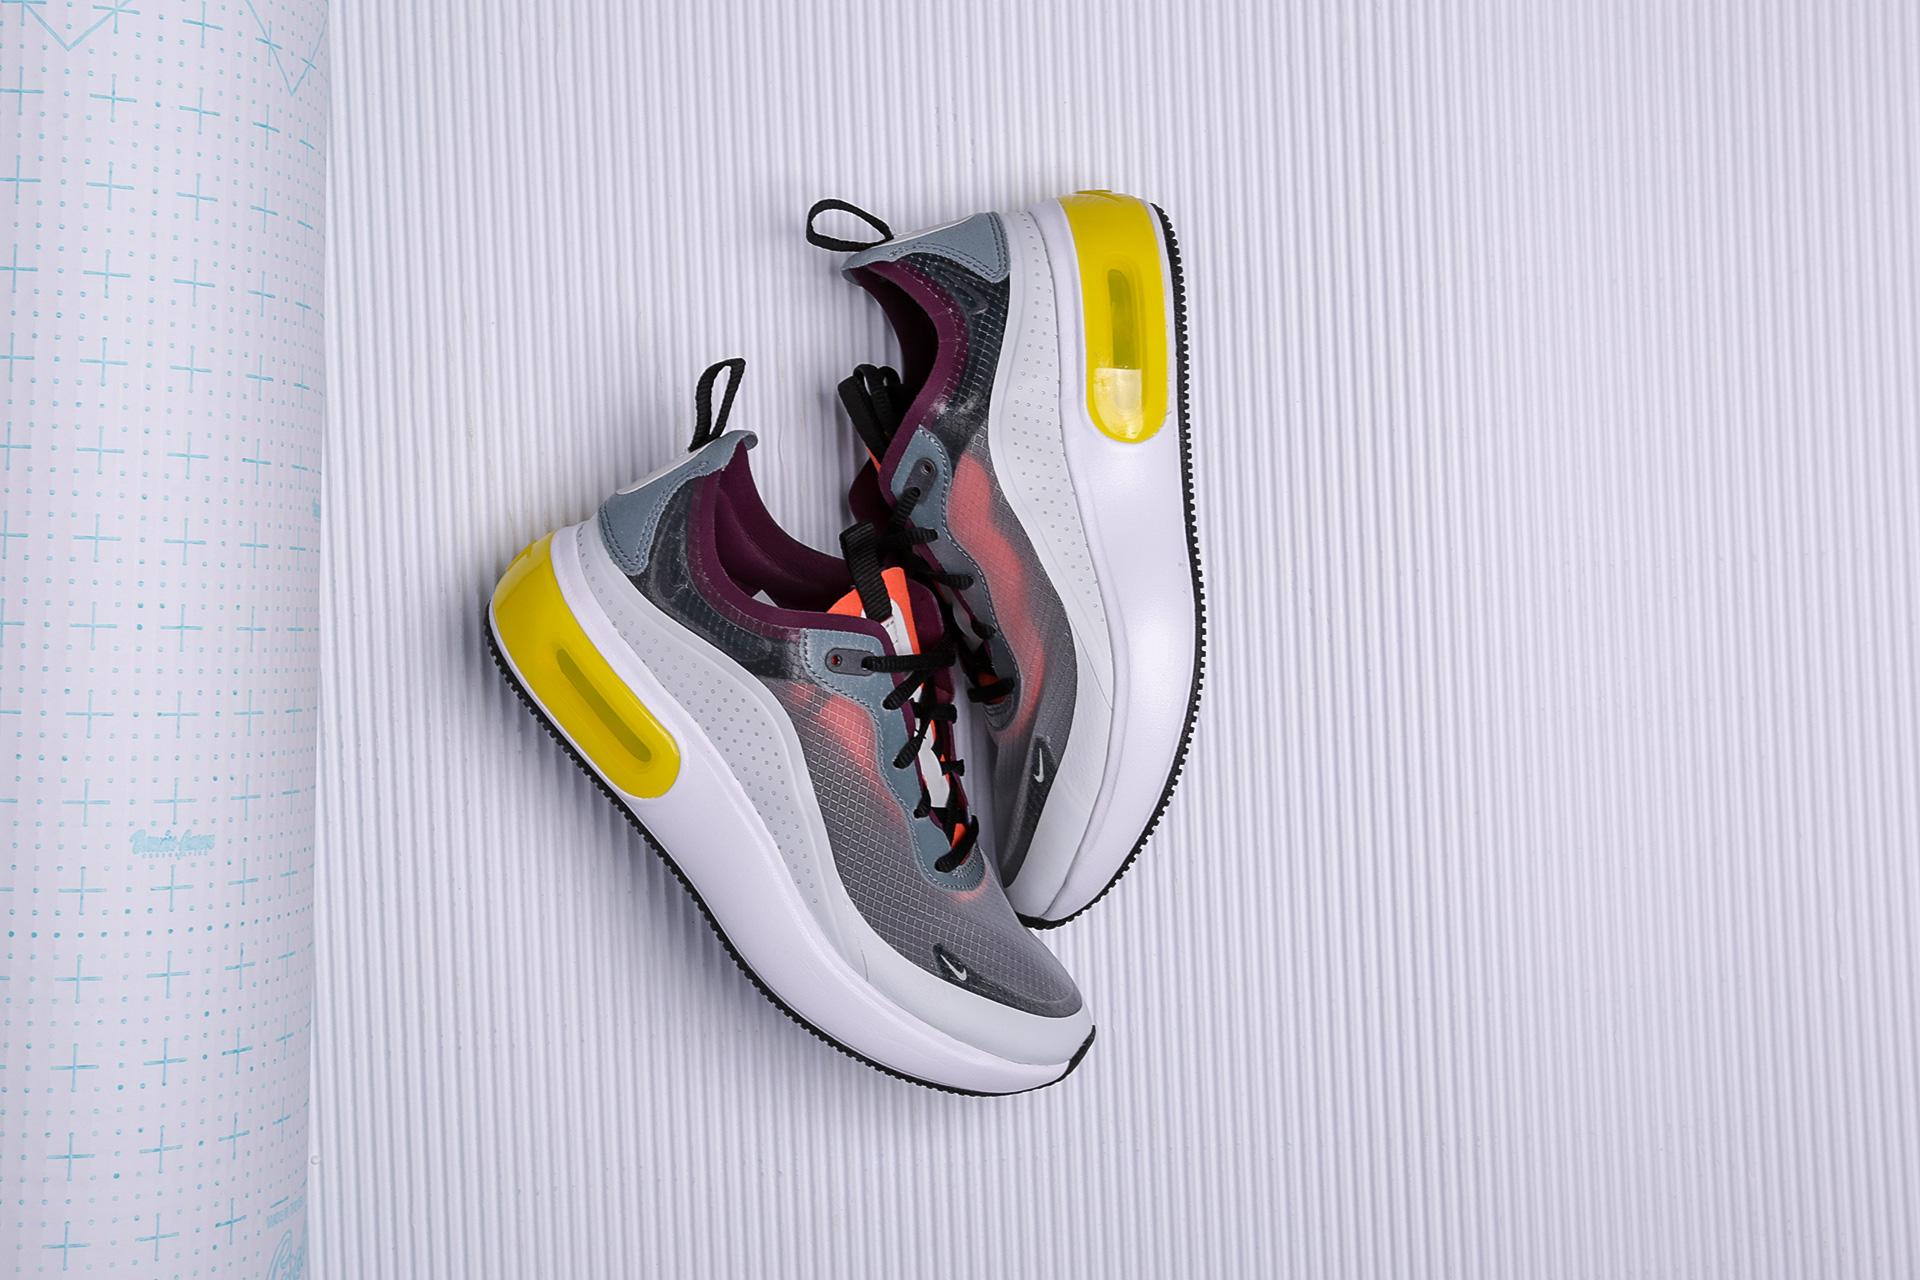 d8629df1 Купить серые женские кроссовки Air Max Dia SE QS от Nike (AV4146-001 ...